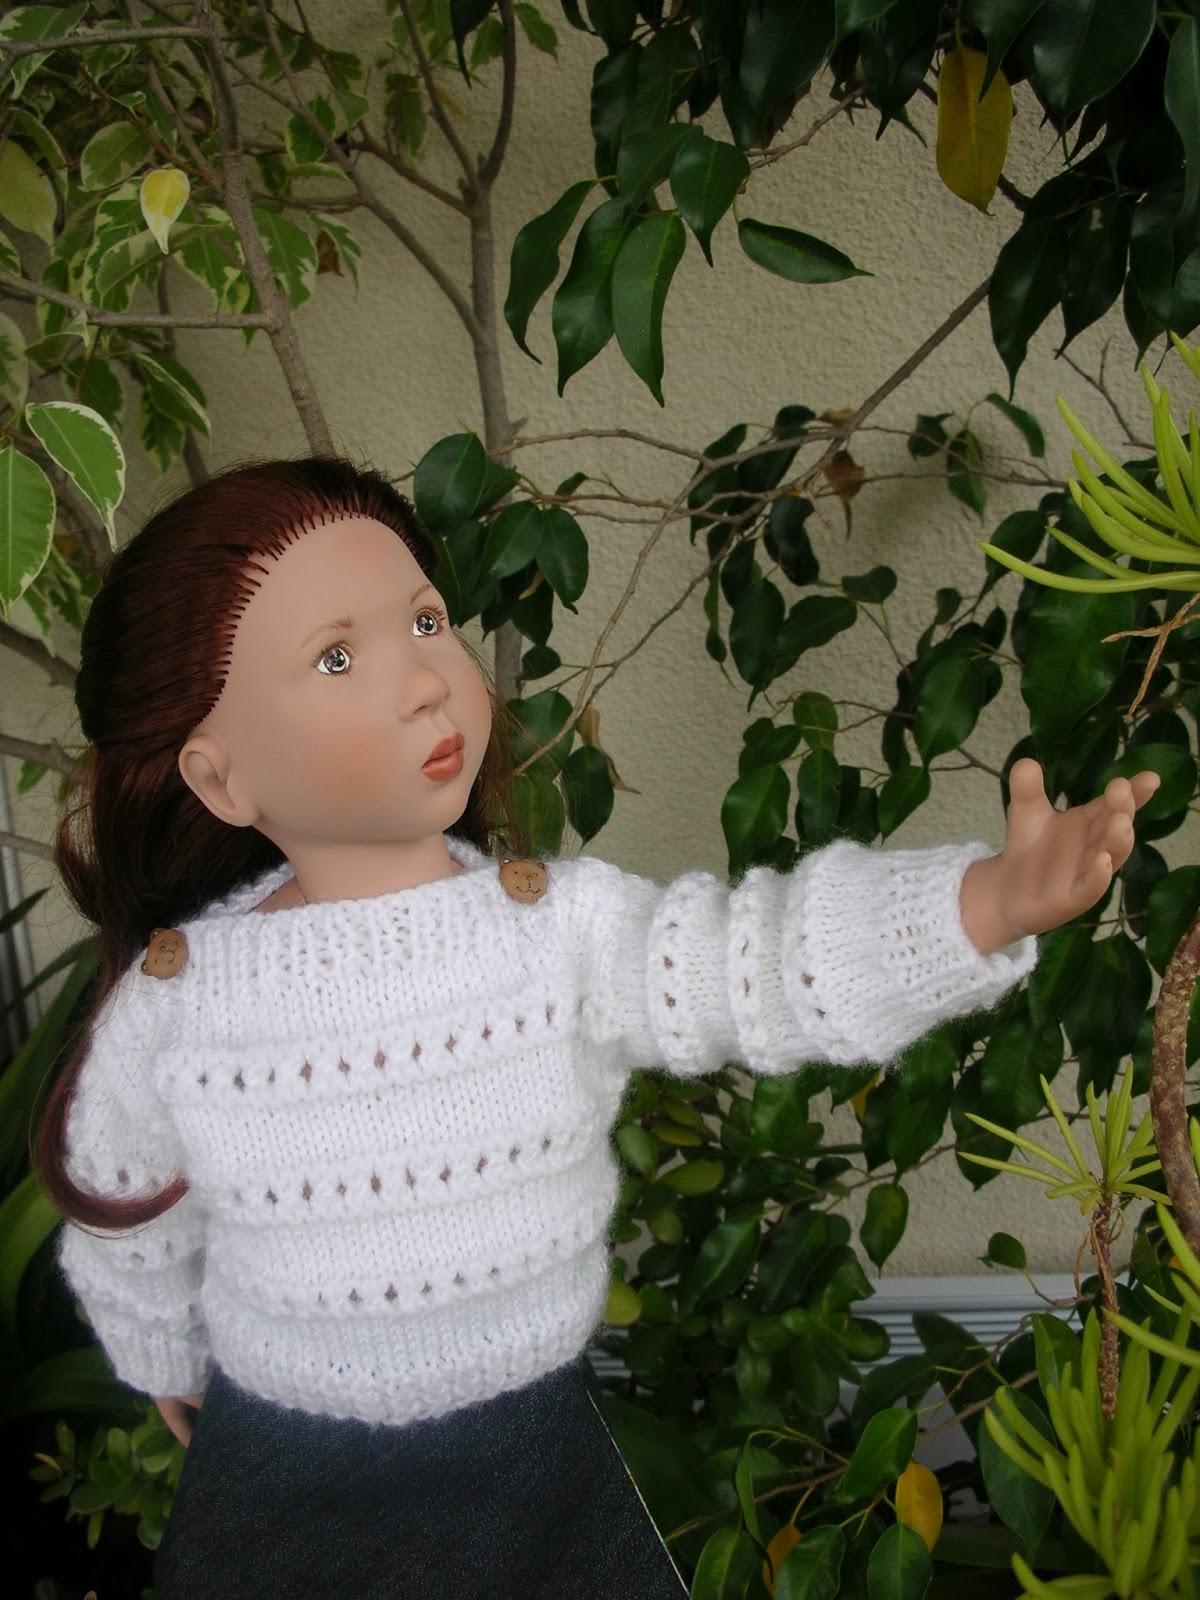 Le petit monde de line au jardin d 39 hiver for Hiver au jardin